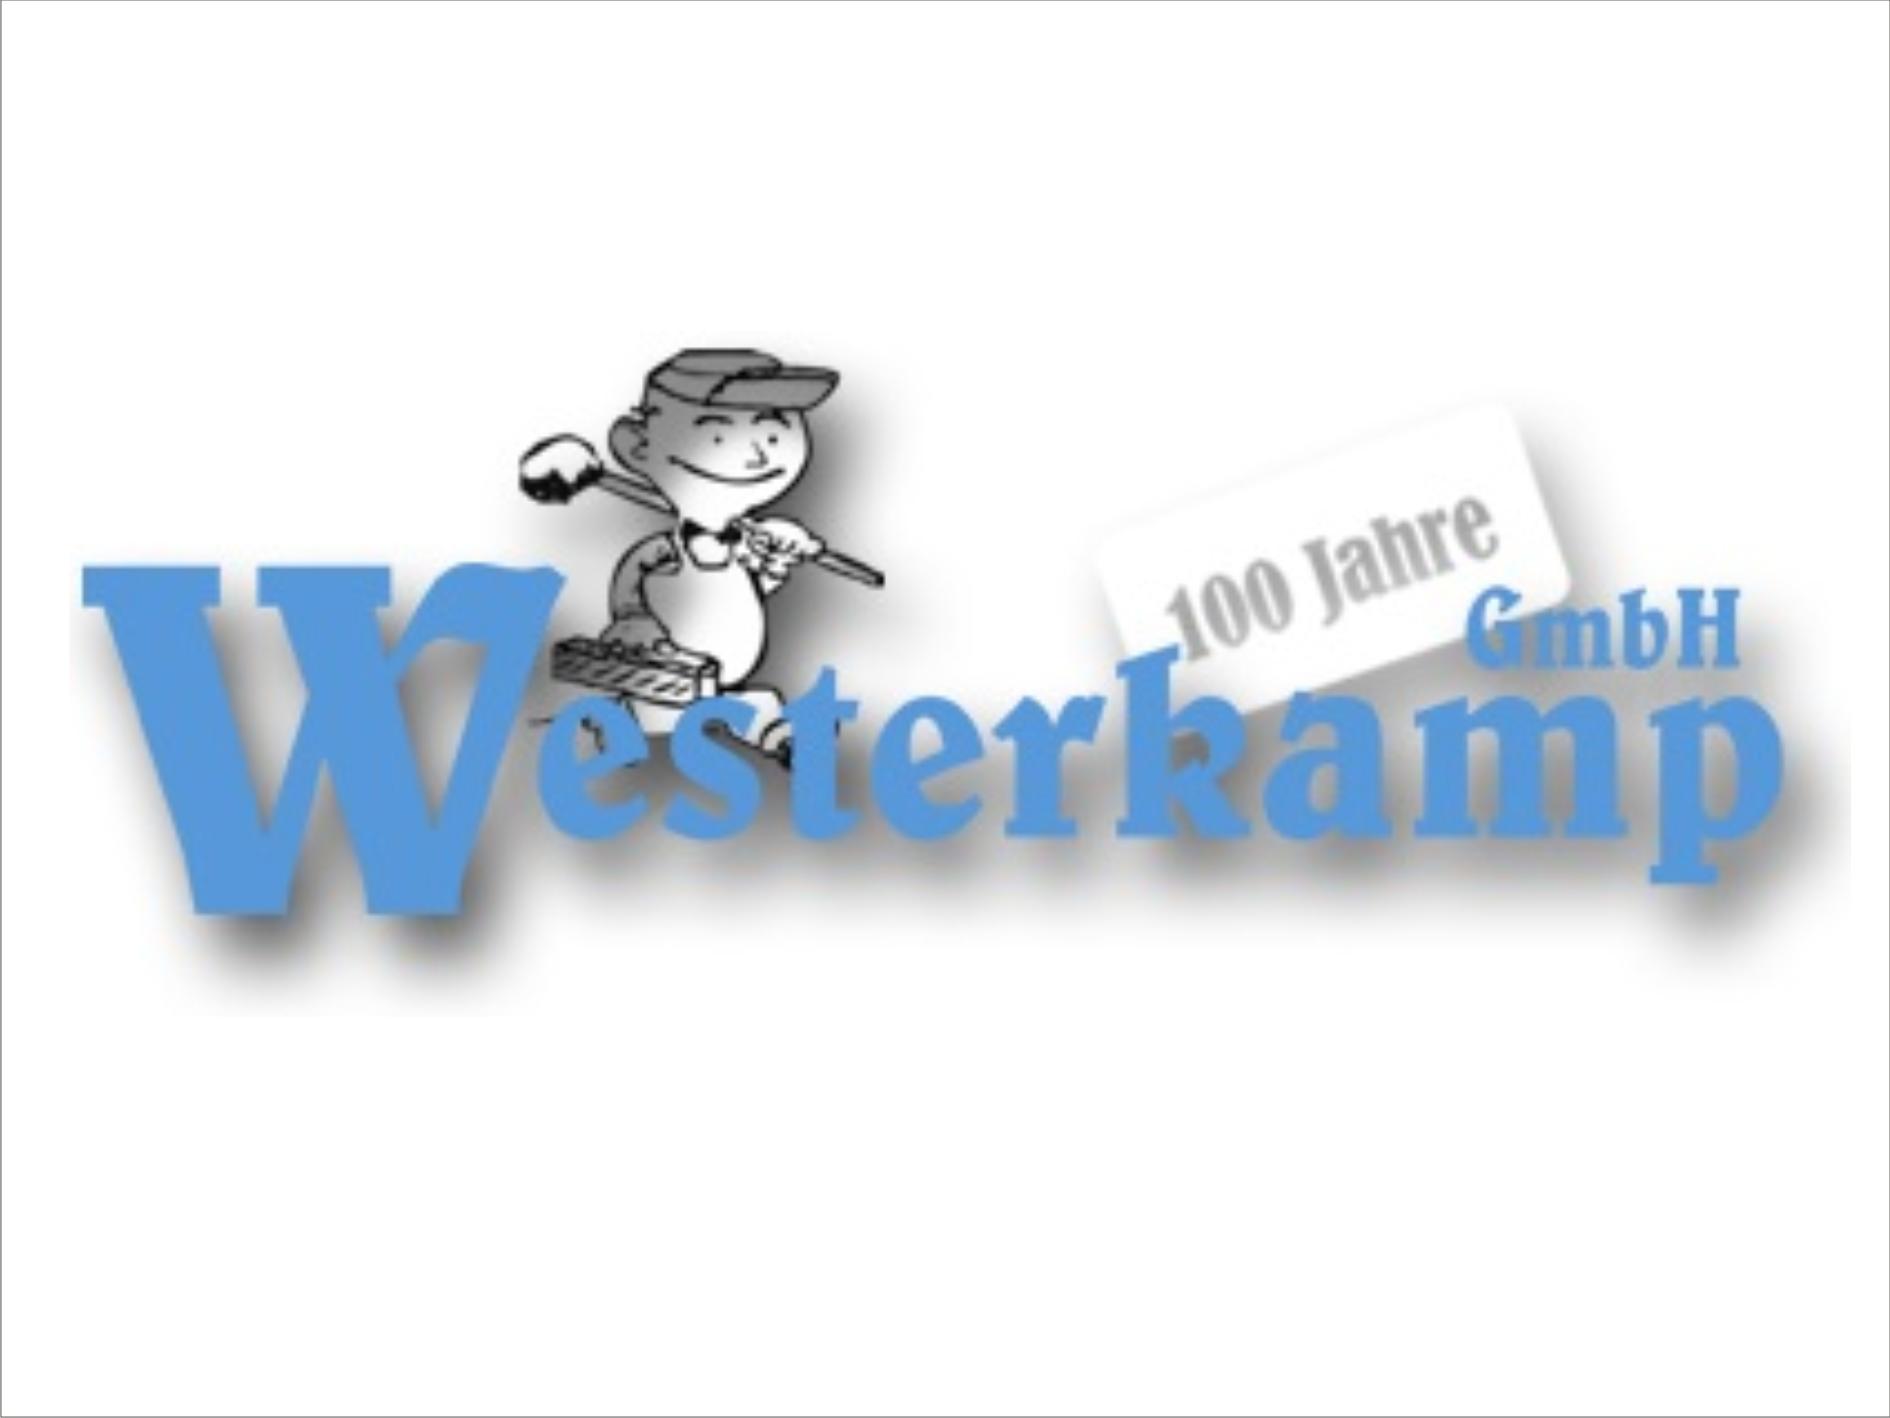 * Anlagenmechaniker für Sanitär-, Heizungs- und Klimatechnik (m/w/d)